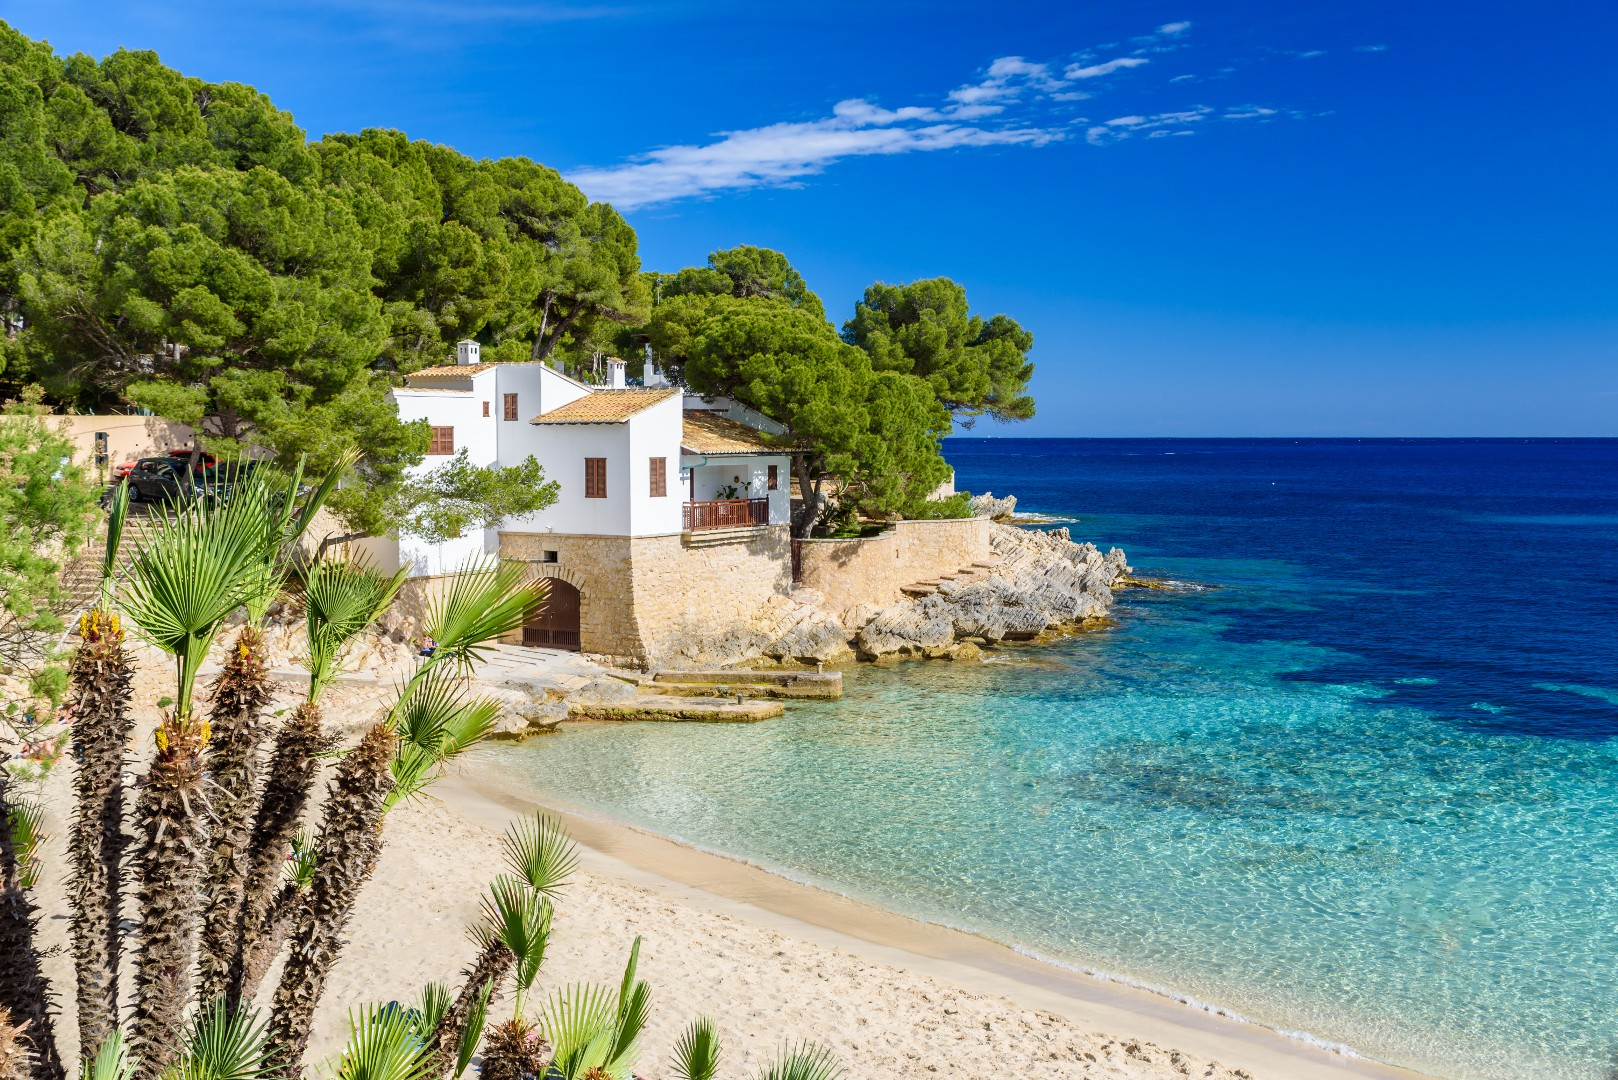 Ferienhäuser & Ferienwohnungen am Strand weltweit